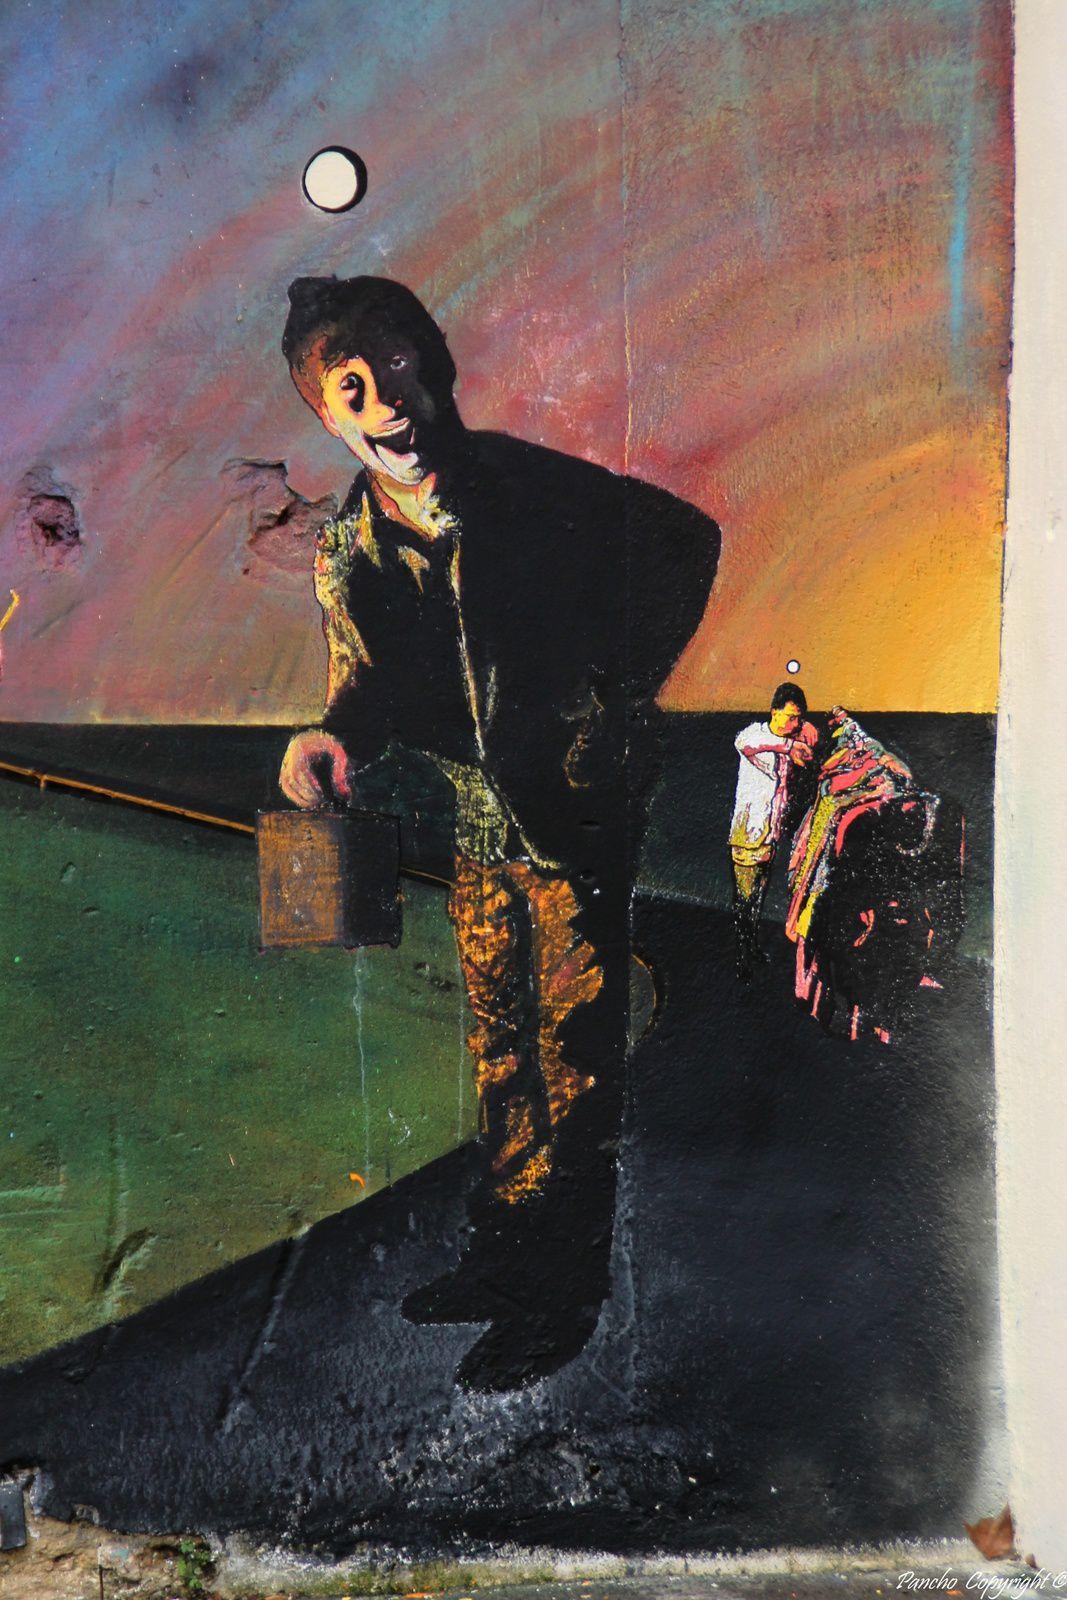 De l'art sur les murs... (2)